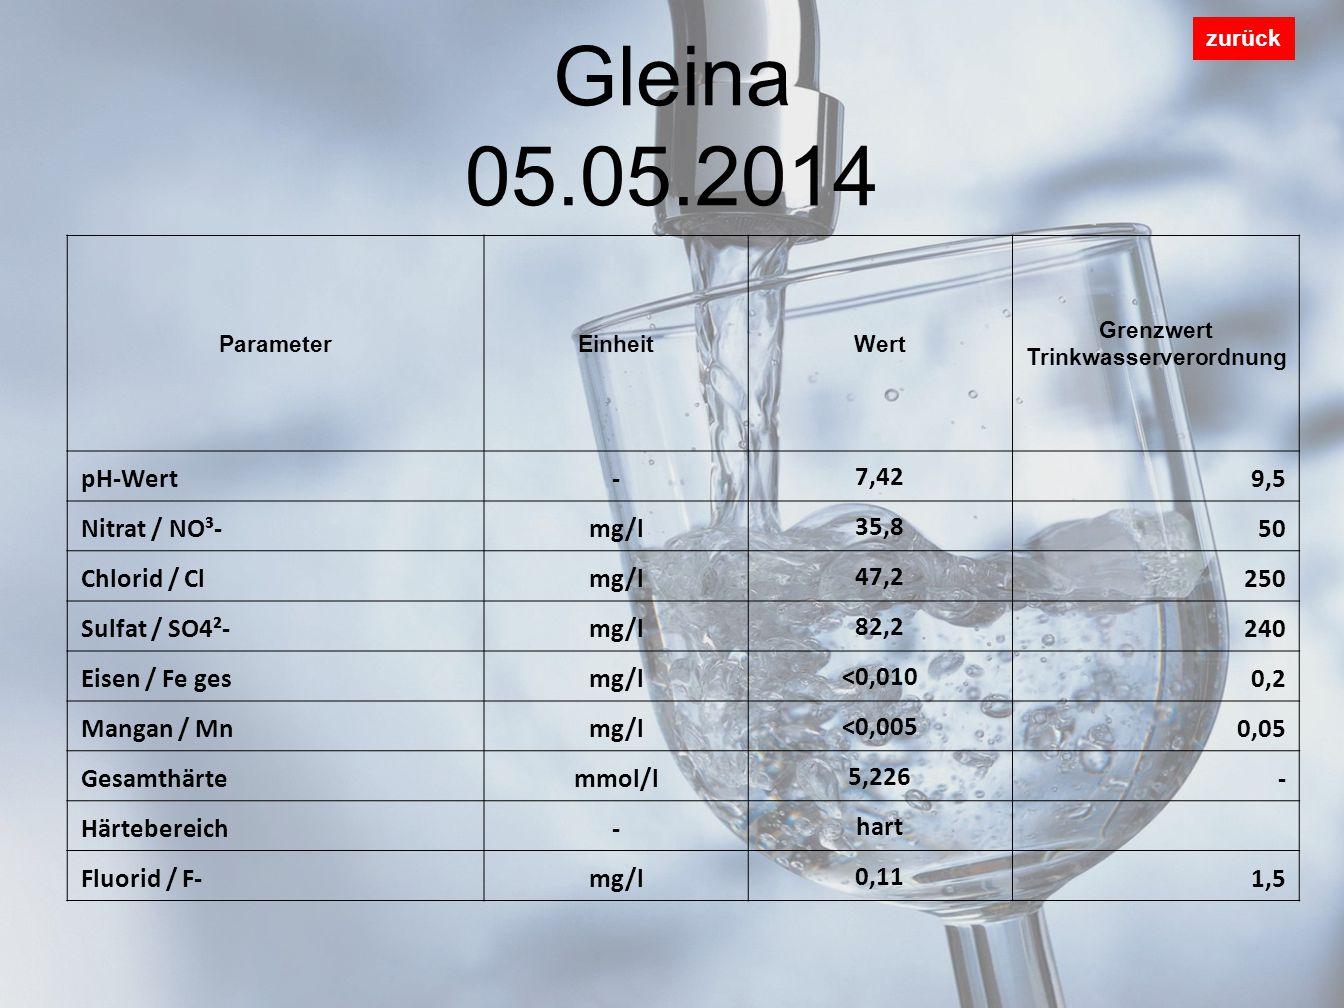 Gleina 05.05.2014 zurück ParameterEinheitWert Grenzwert Trinkwasserverordnung pH-Wert- 7,42 9,5 Nitrat / NO³-mg/l 35,8 50 Chlorid / Clmg/l 47,2 250 Su